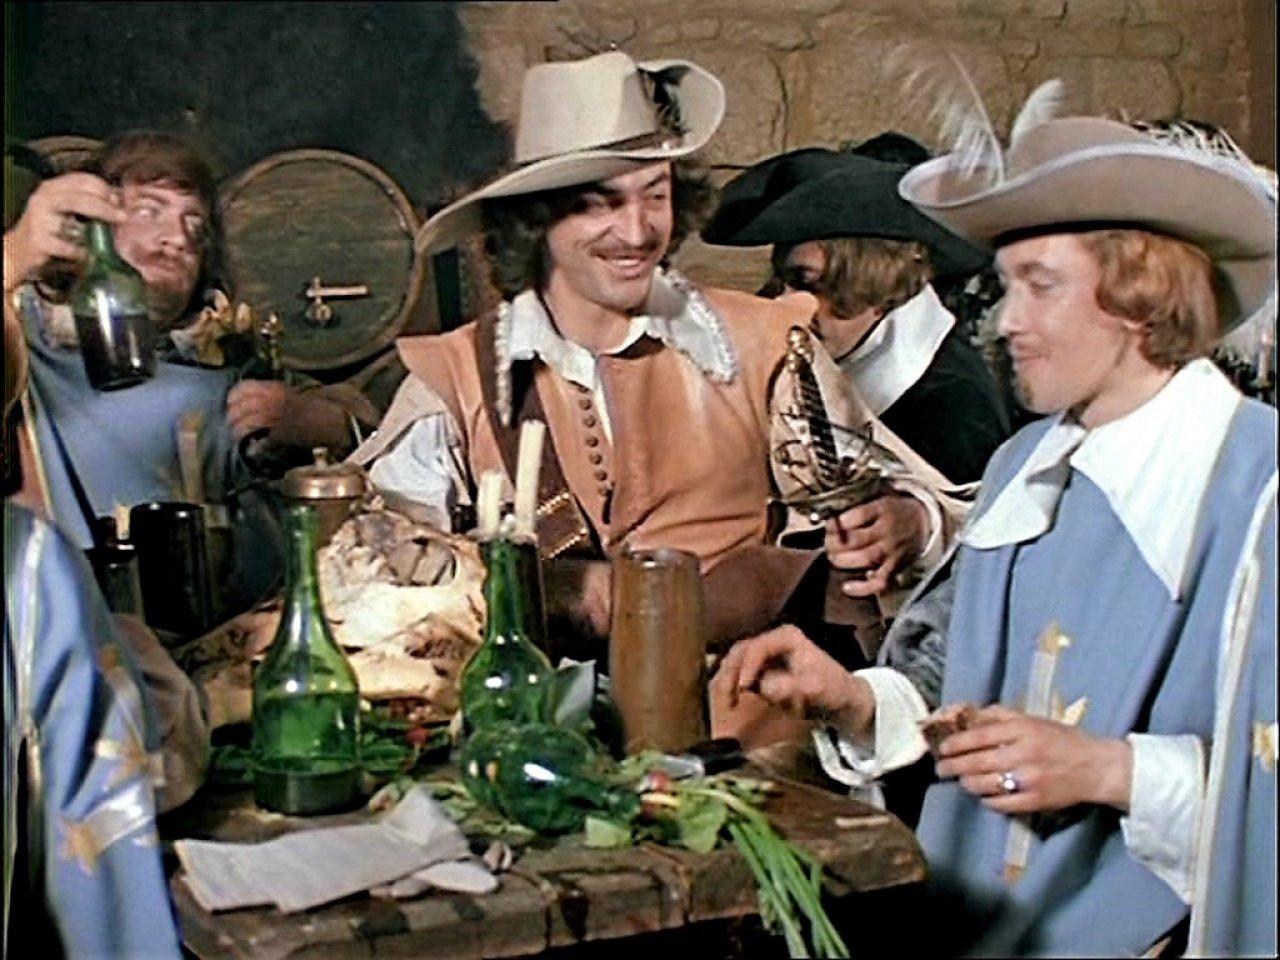 Интересные факты о создании фильма Д'Артаньян и три мушкетёра картинки